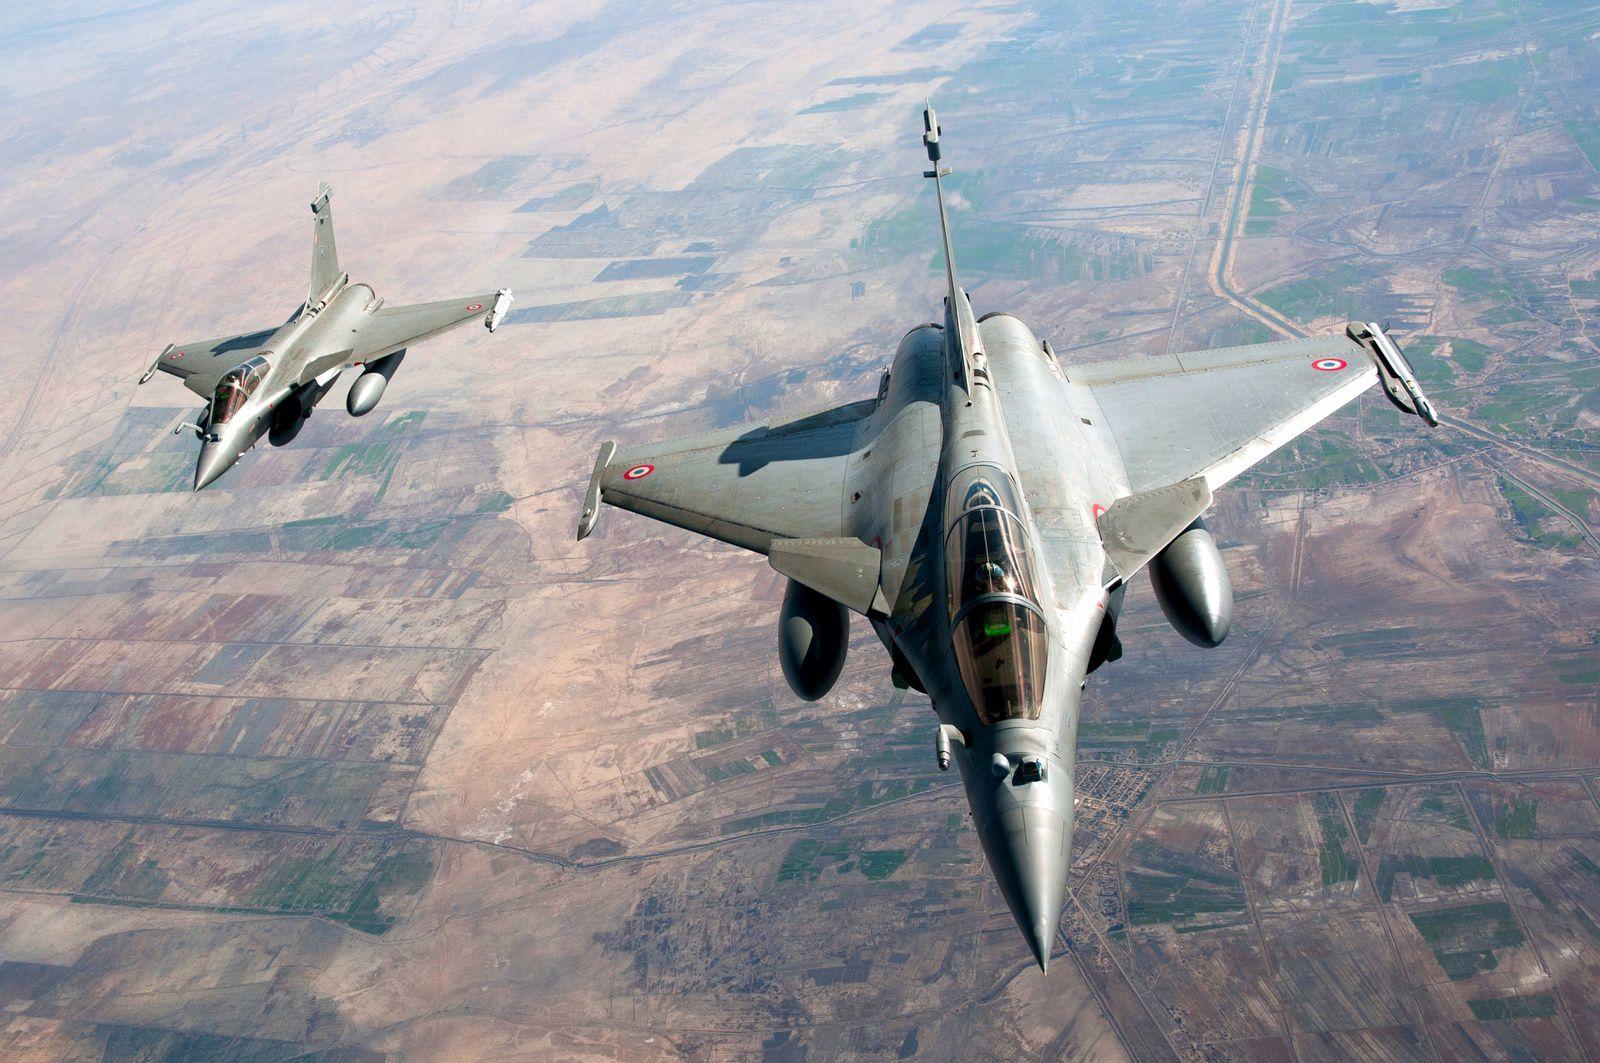 © Armée de l'Air - Pas de frappes aériennes sans les indispensables missions ISR. Ici, les Rafale emportent la nacelle de reconnaissance RECO-NG.